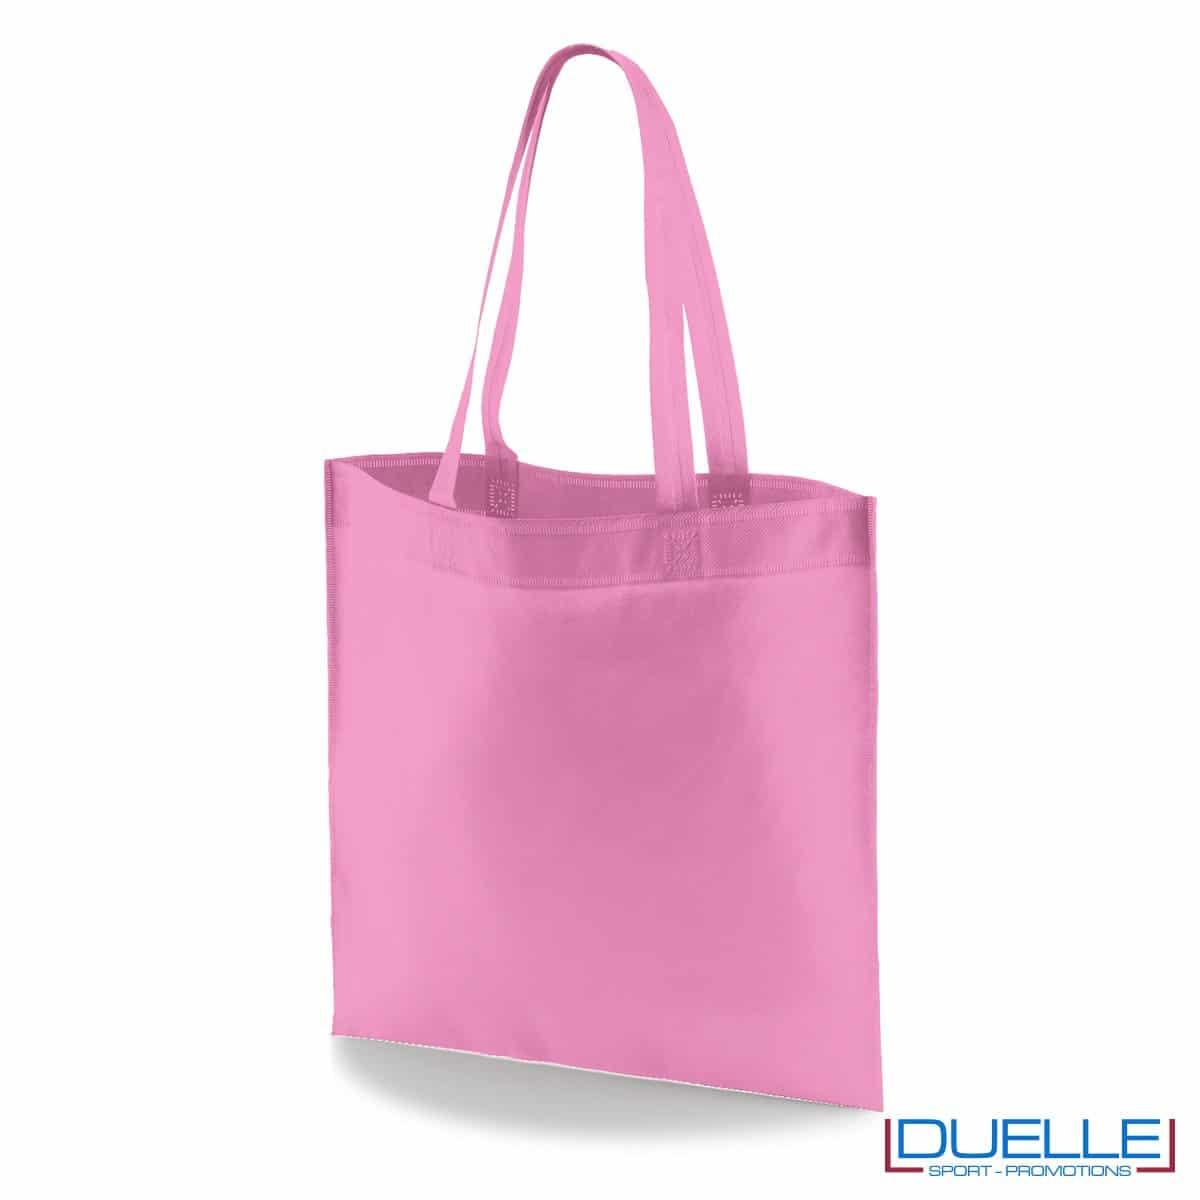 borsa shooper personalizzata in tnt termosaldato rosa, offerta borse promozionali in tnt economiche rosa